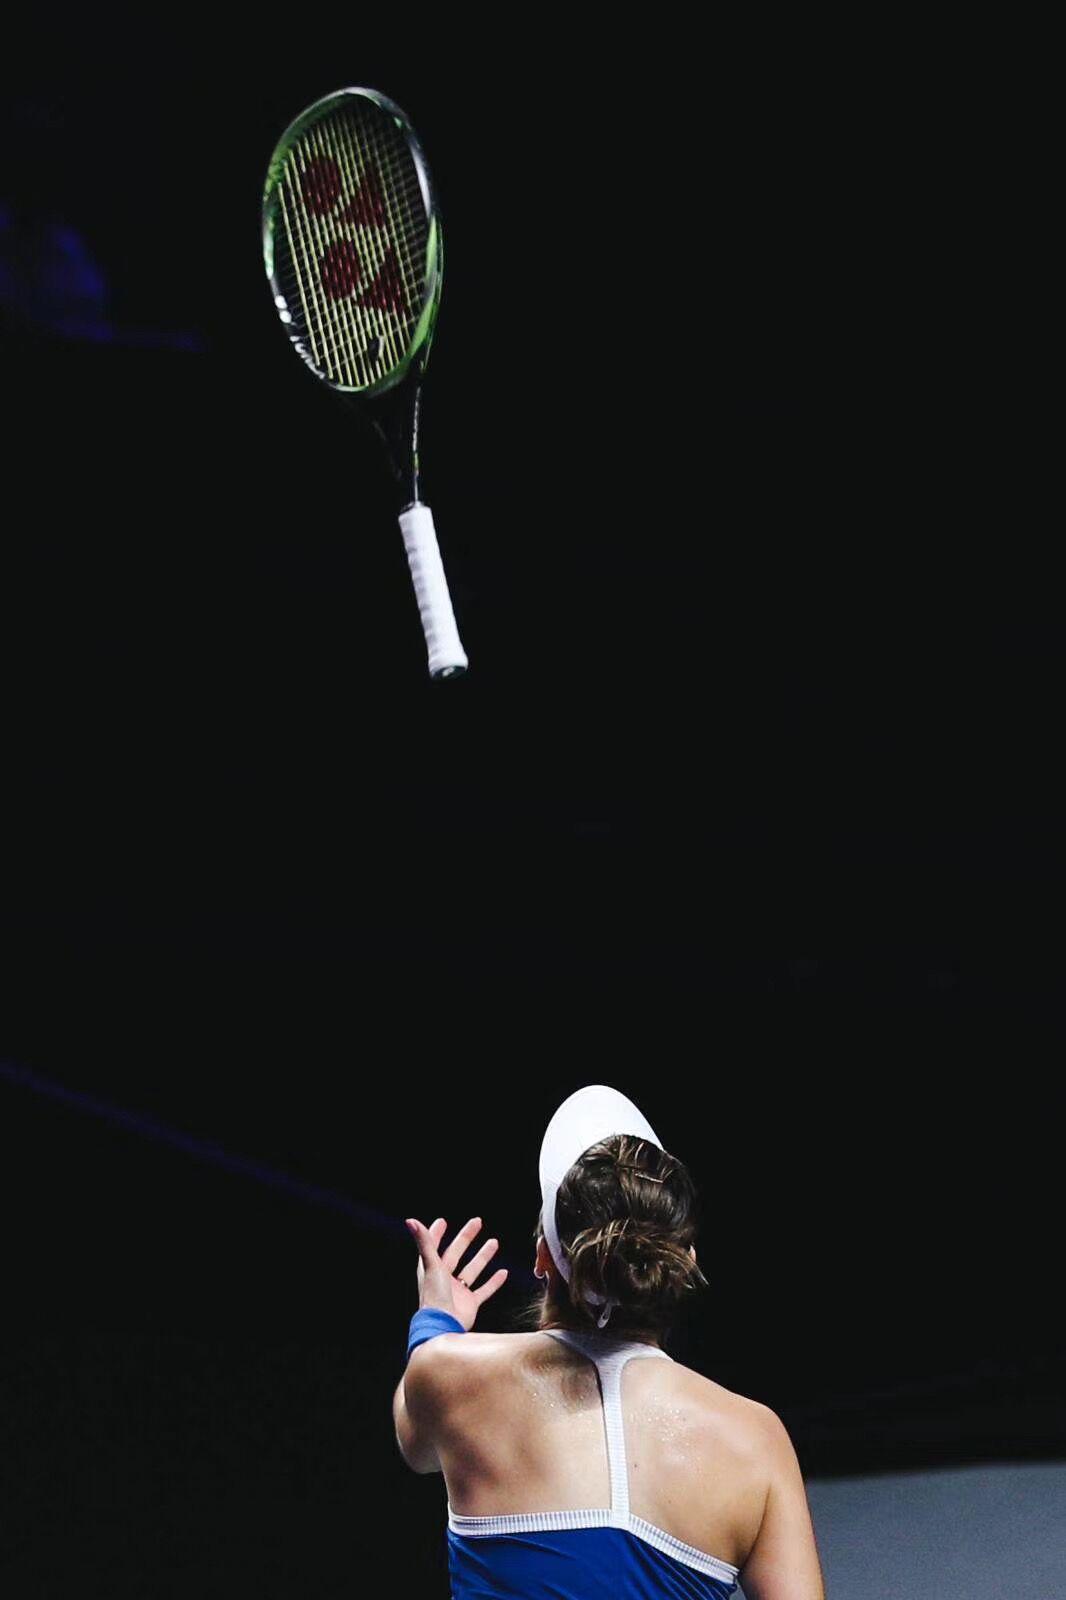 不管赛事举办的时间如何变化,金地集团支持女子网球运动发展,促进中国以及深圳体育产业不断向前发展的初衷不会改变